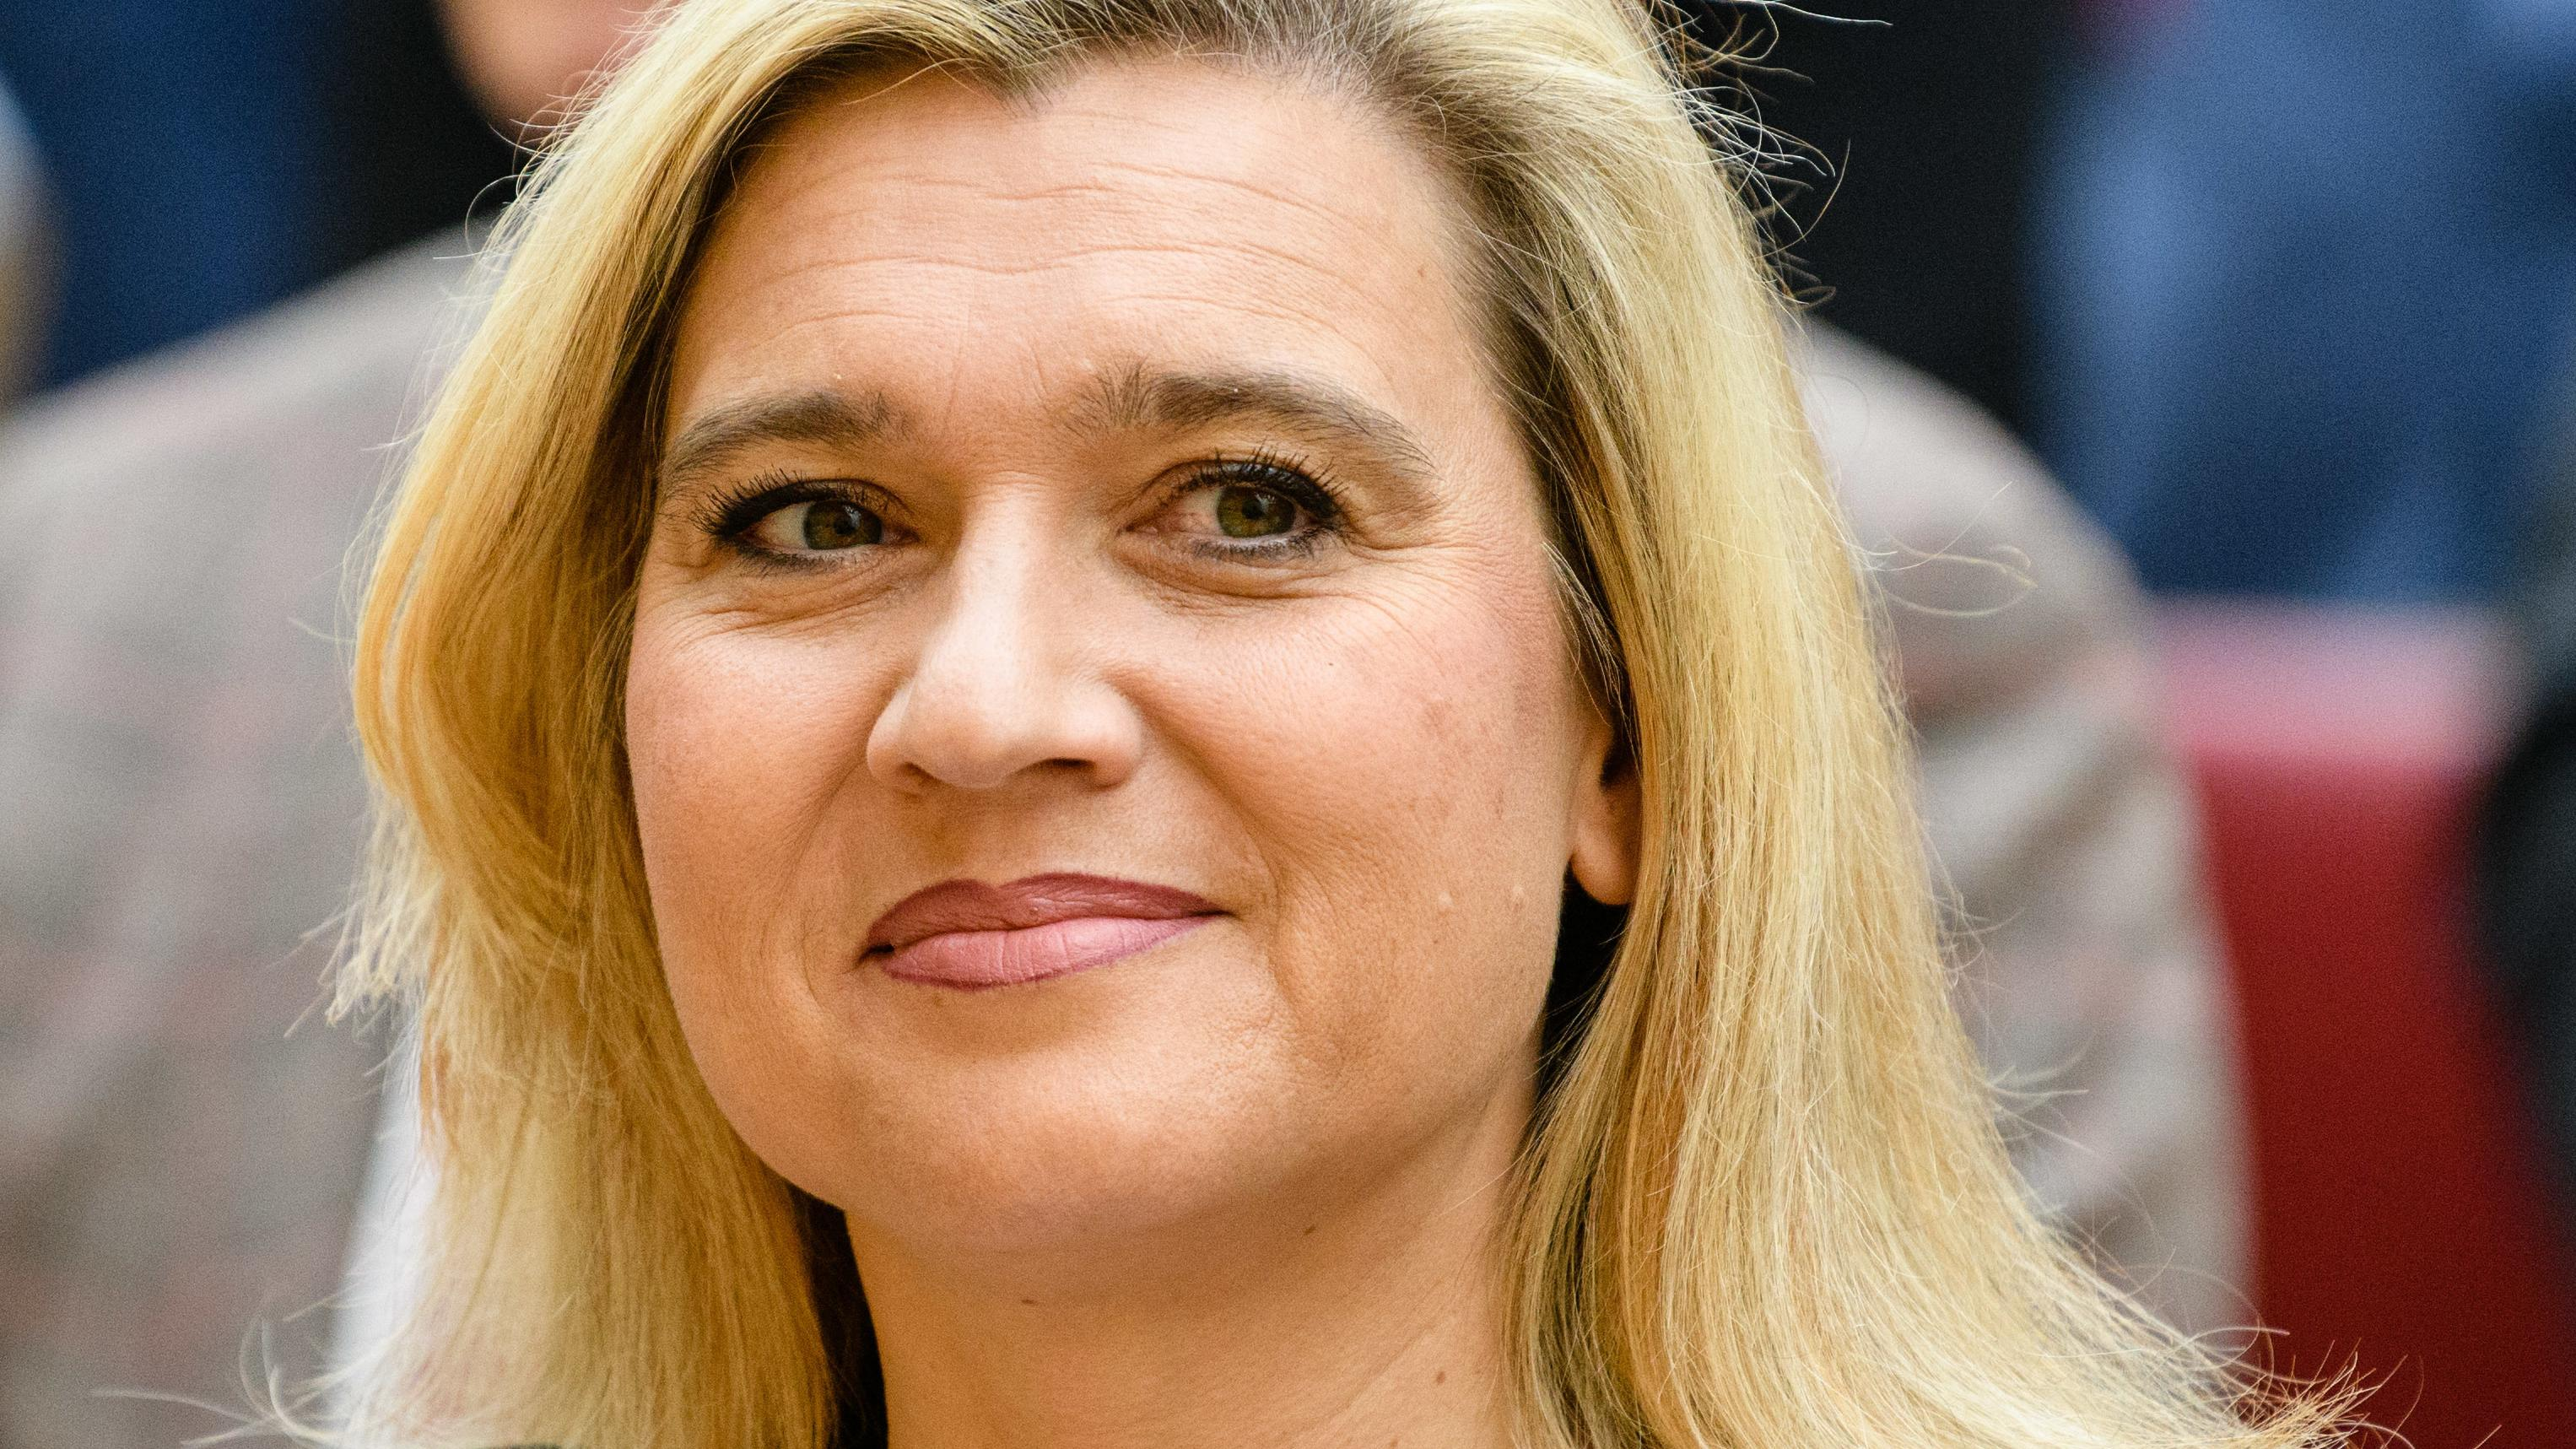 Melanie Huml bei der Vereidigung des bayerischen Kabinetts im bayerischen Landtag im November 2018